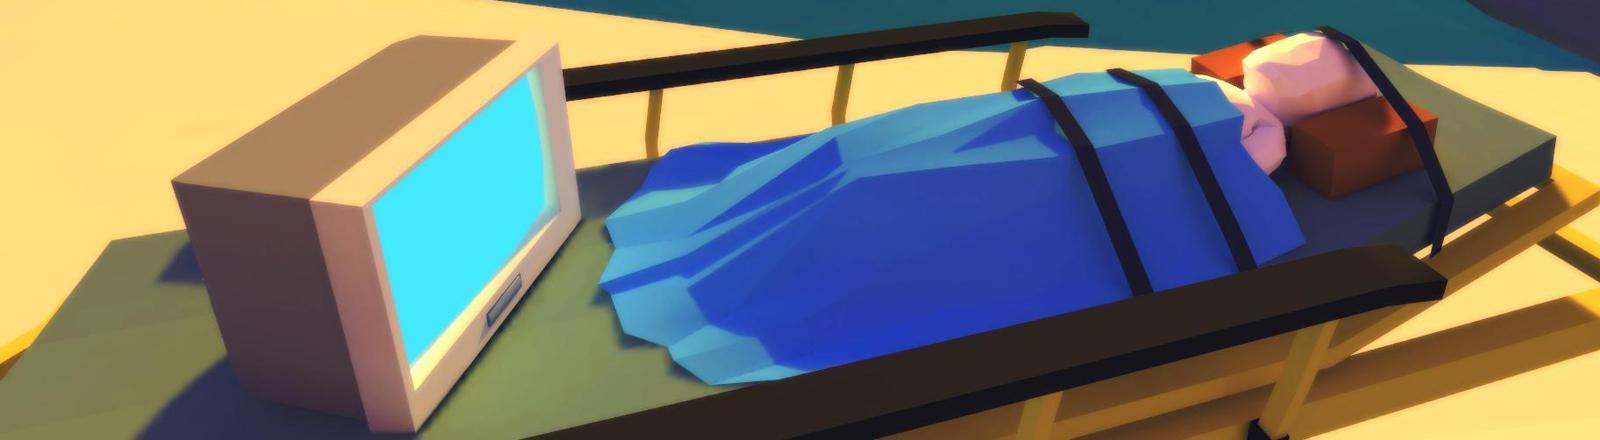 """Eine Szene aus dem Spiel """"That Dragon, Cancer""""."""